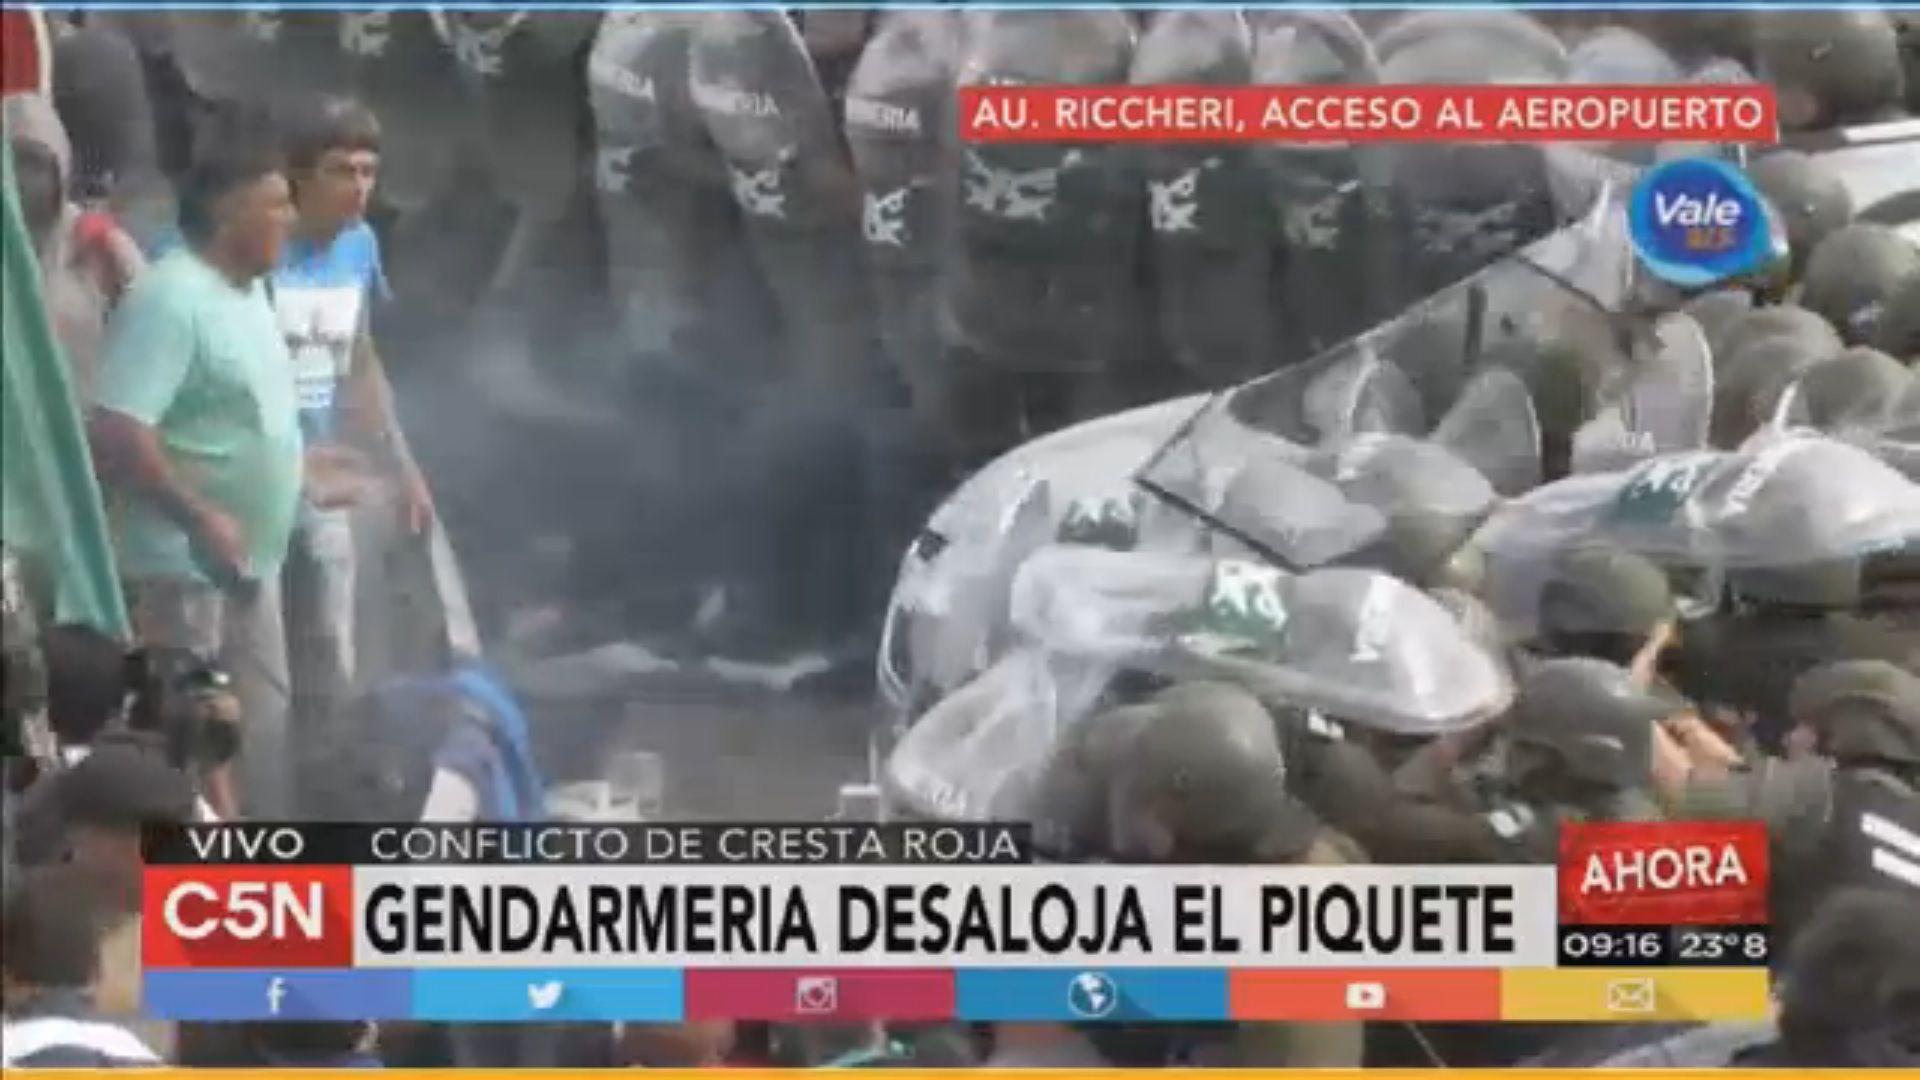 Gendarmería liberó la Riccheri tras incidentes con empleados de Cresta Roja